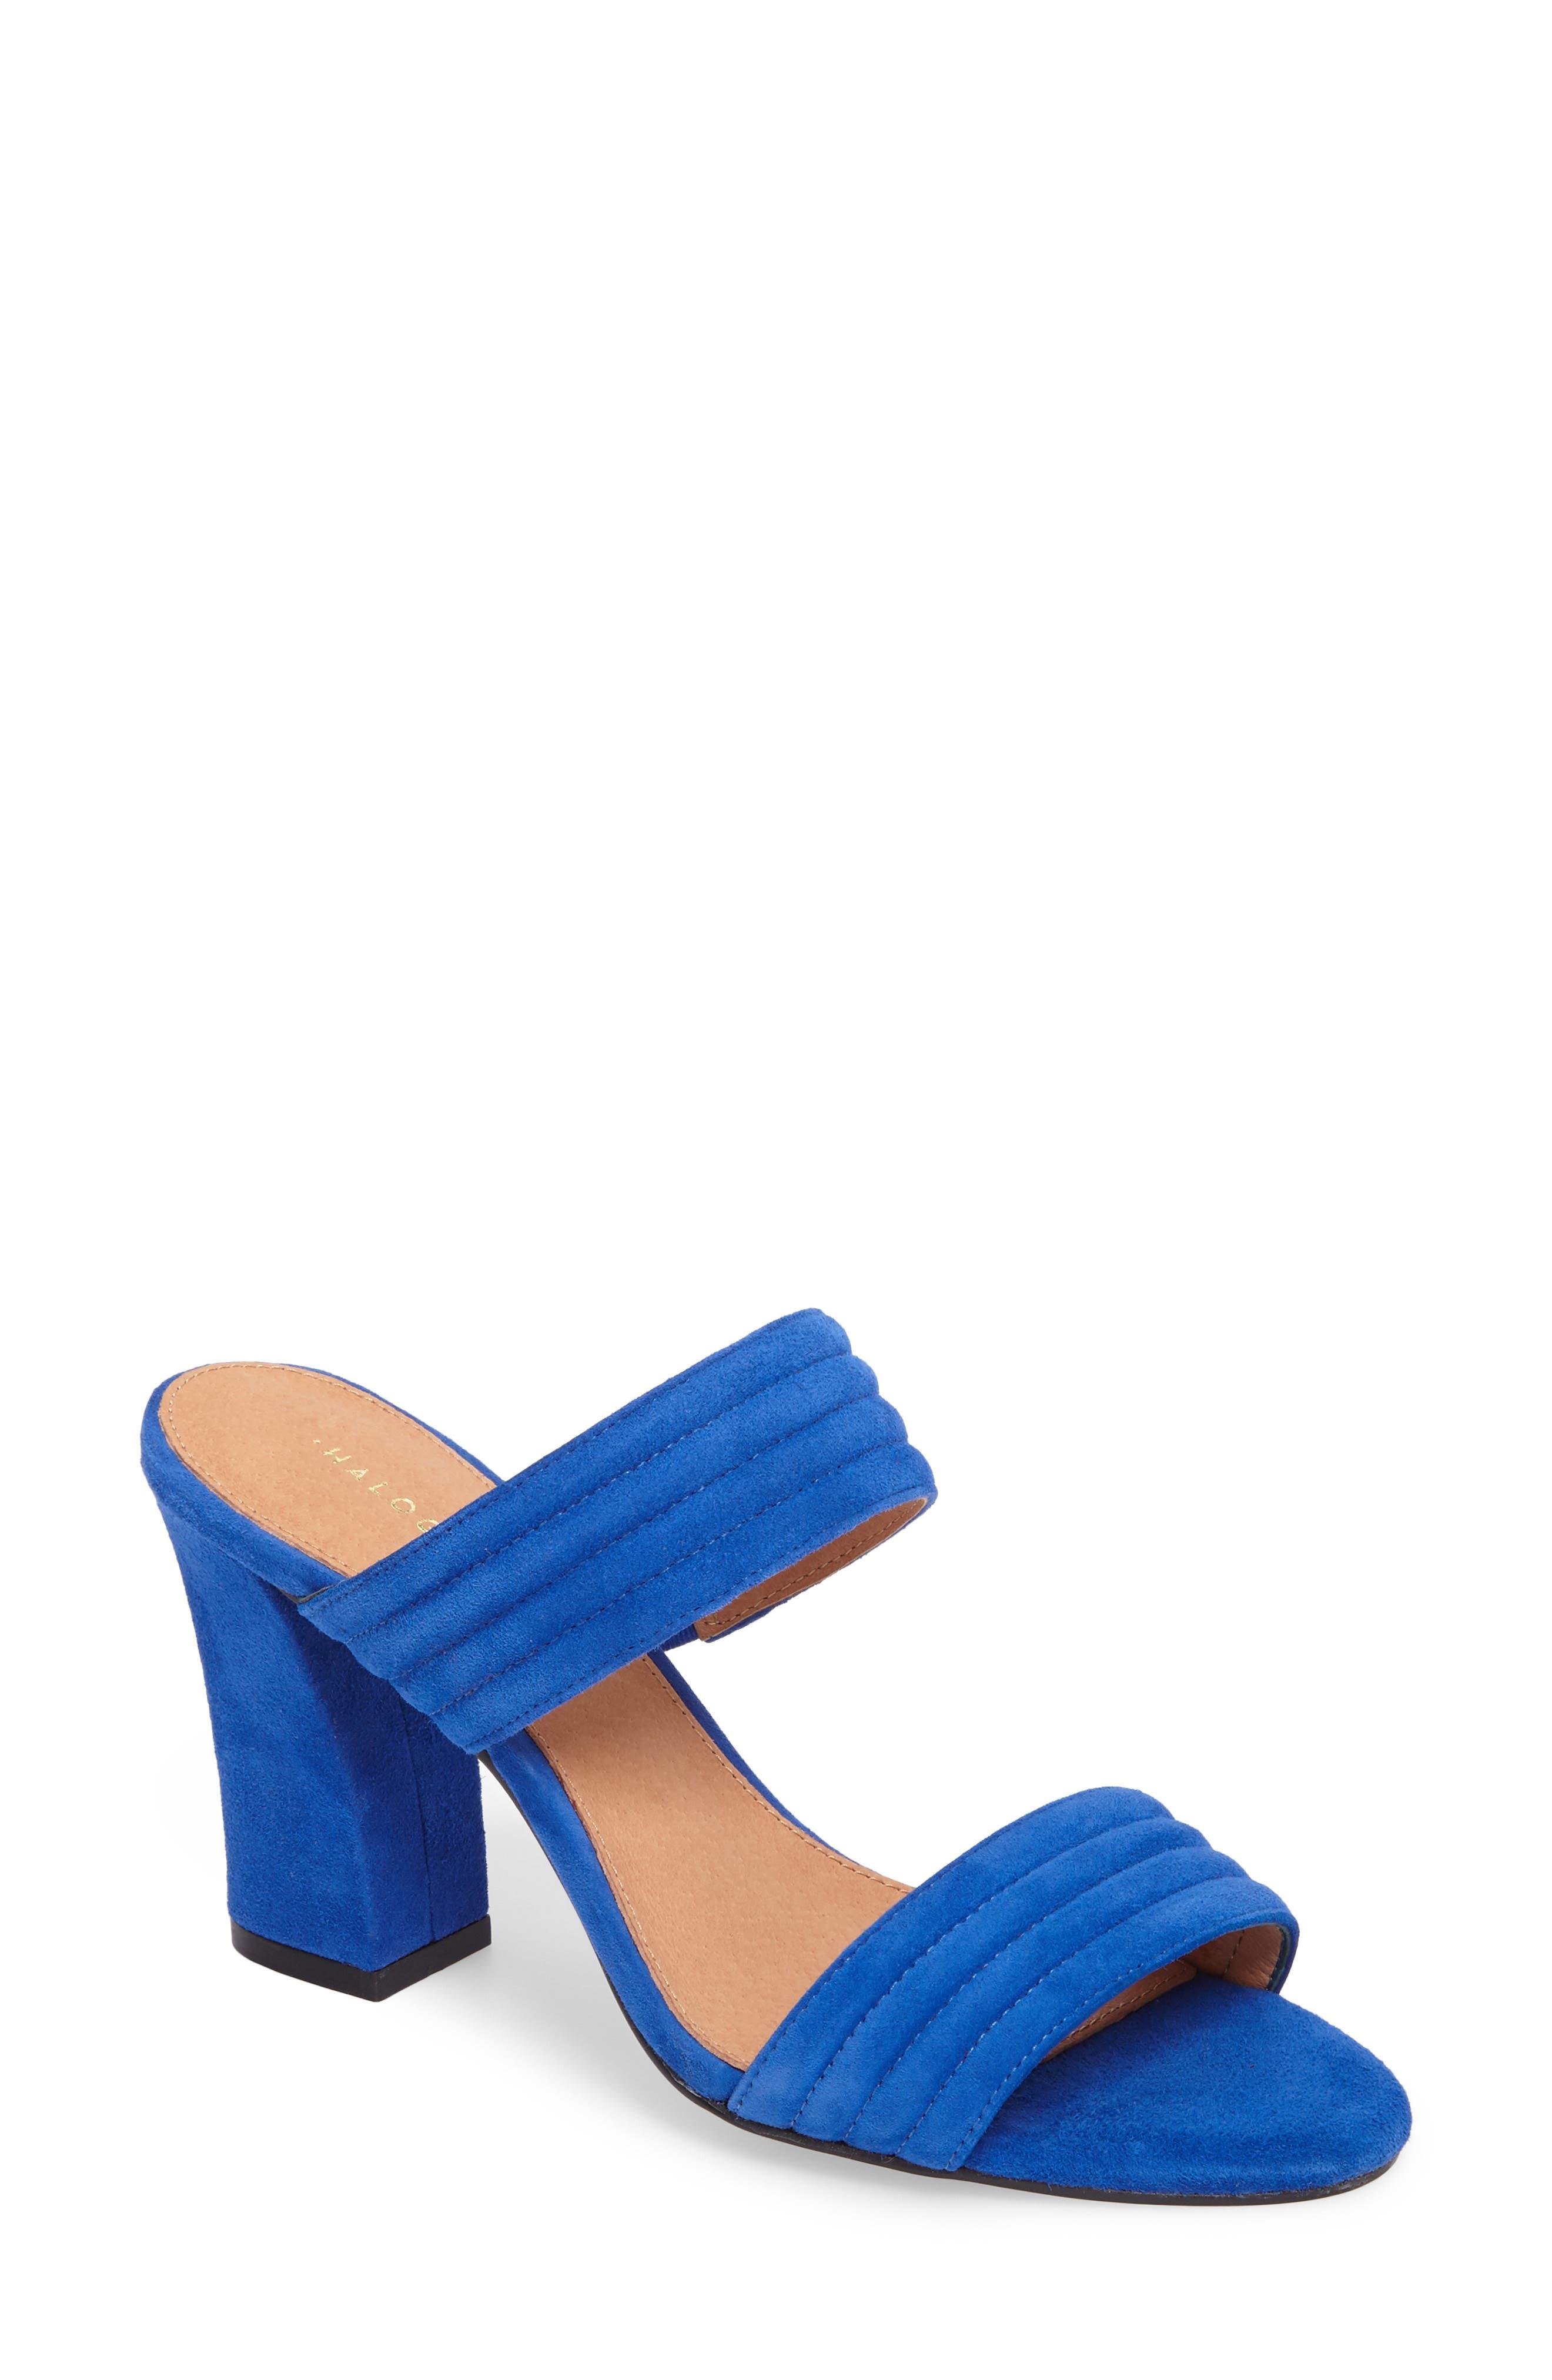 Della Slide Sandal,                             Main thumbnail 1, color,                             Cobalt Suede